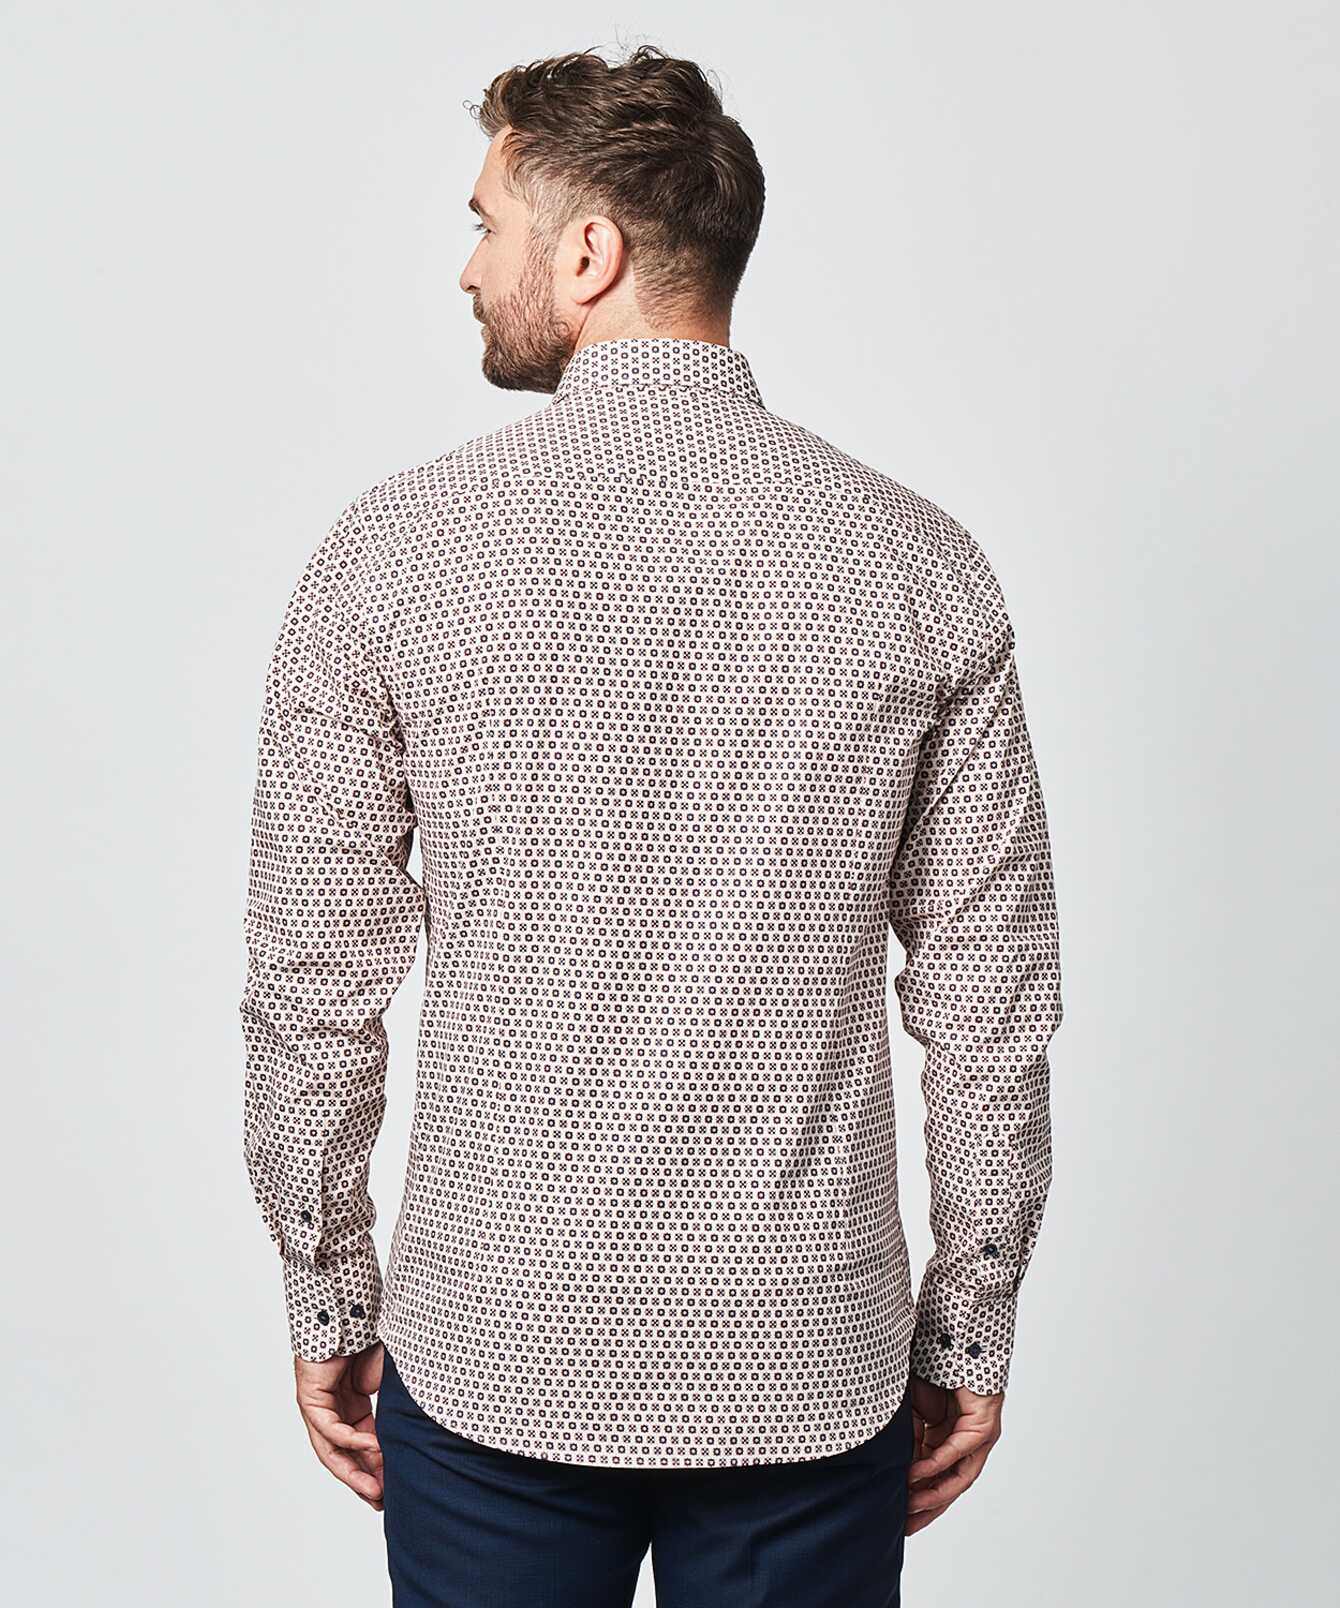 Shirt Furnas Beige The Shirt Factory